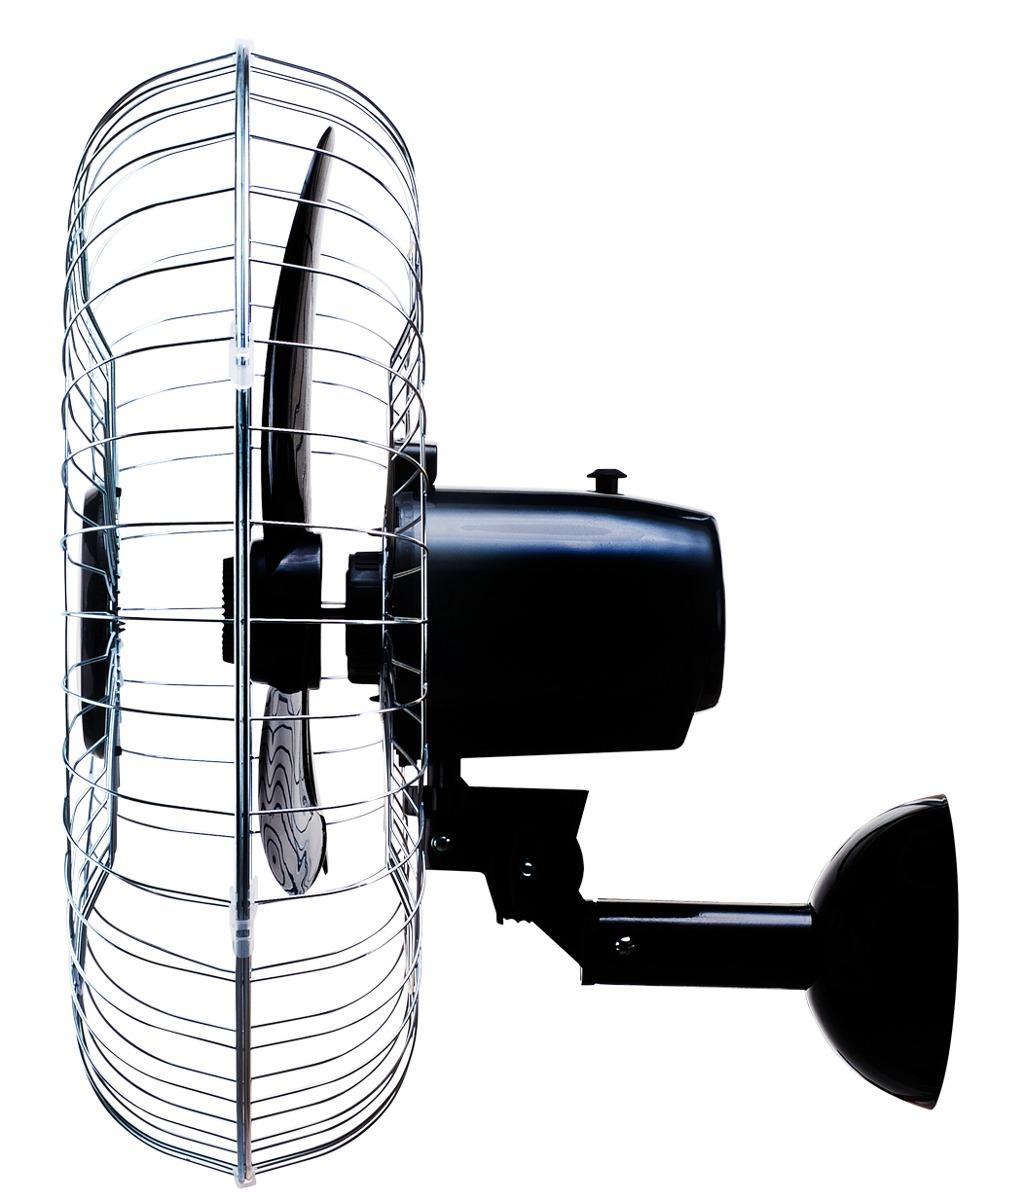 Ventilador de parede 50cm preto grade cromada ventisol - Fotos de ventiladores ...